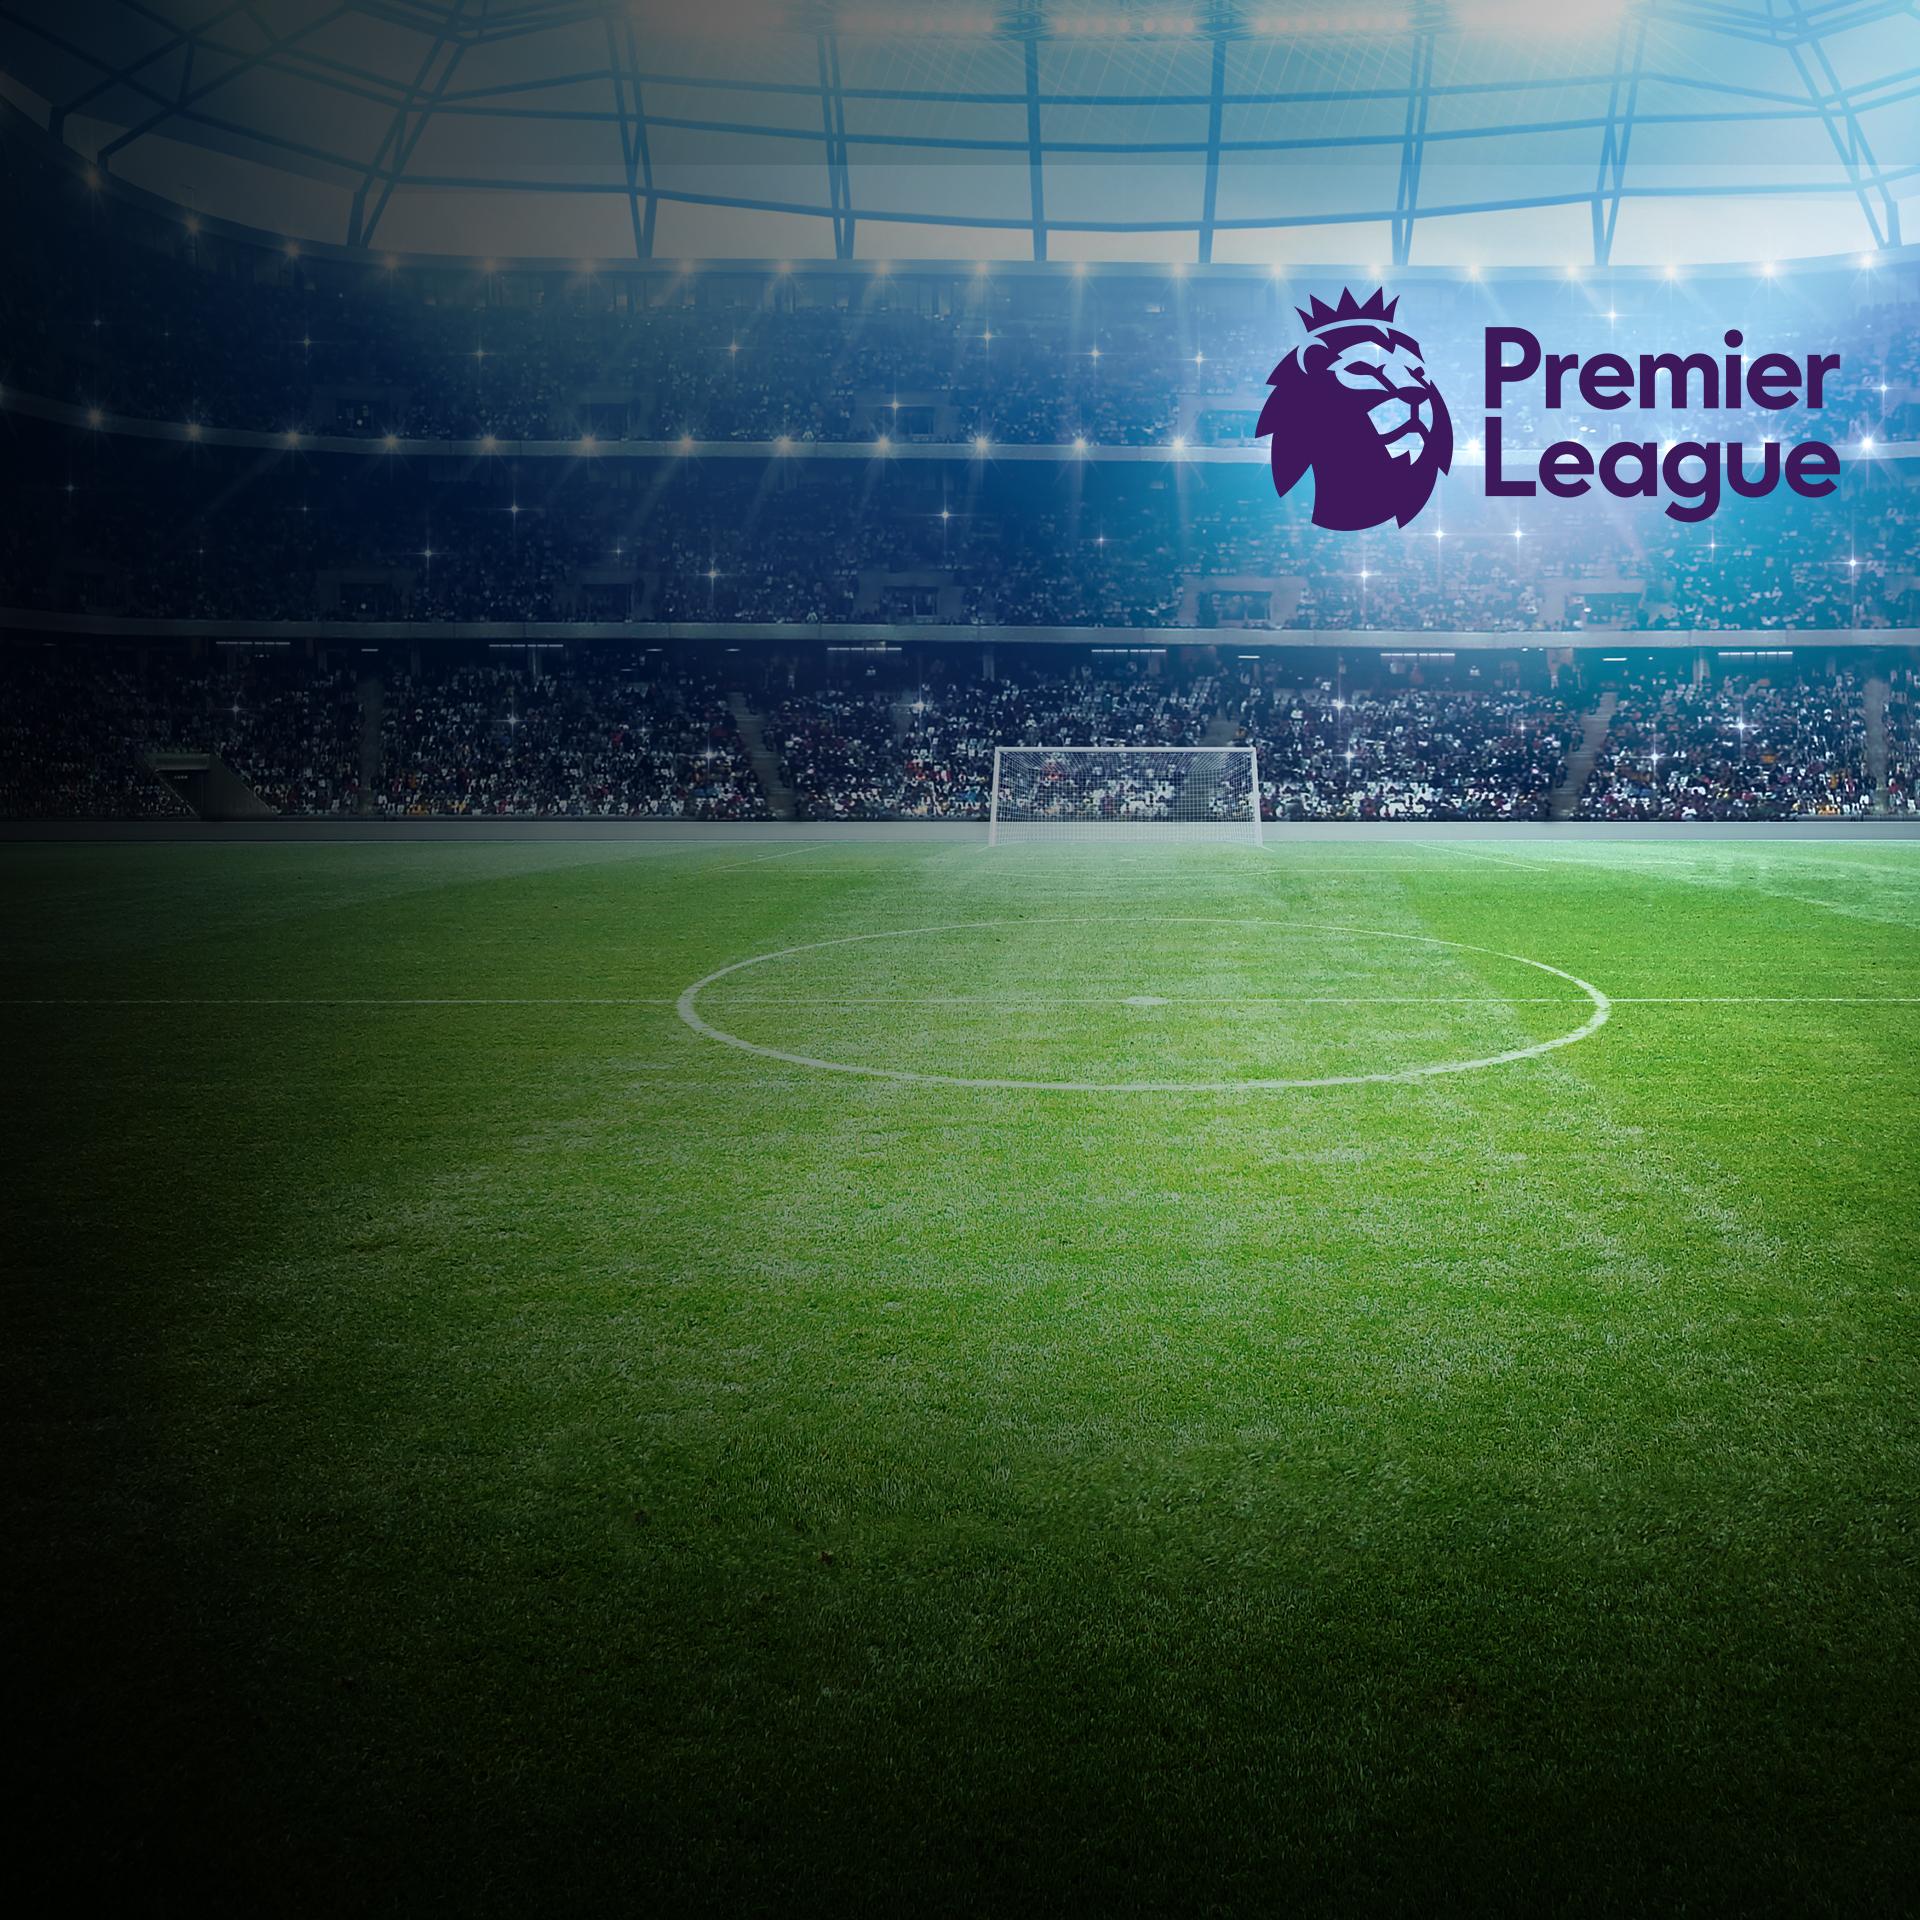 Premier League Live Match